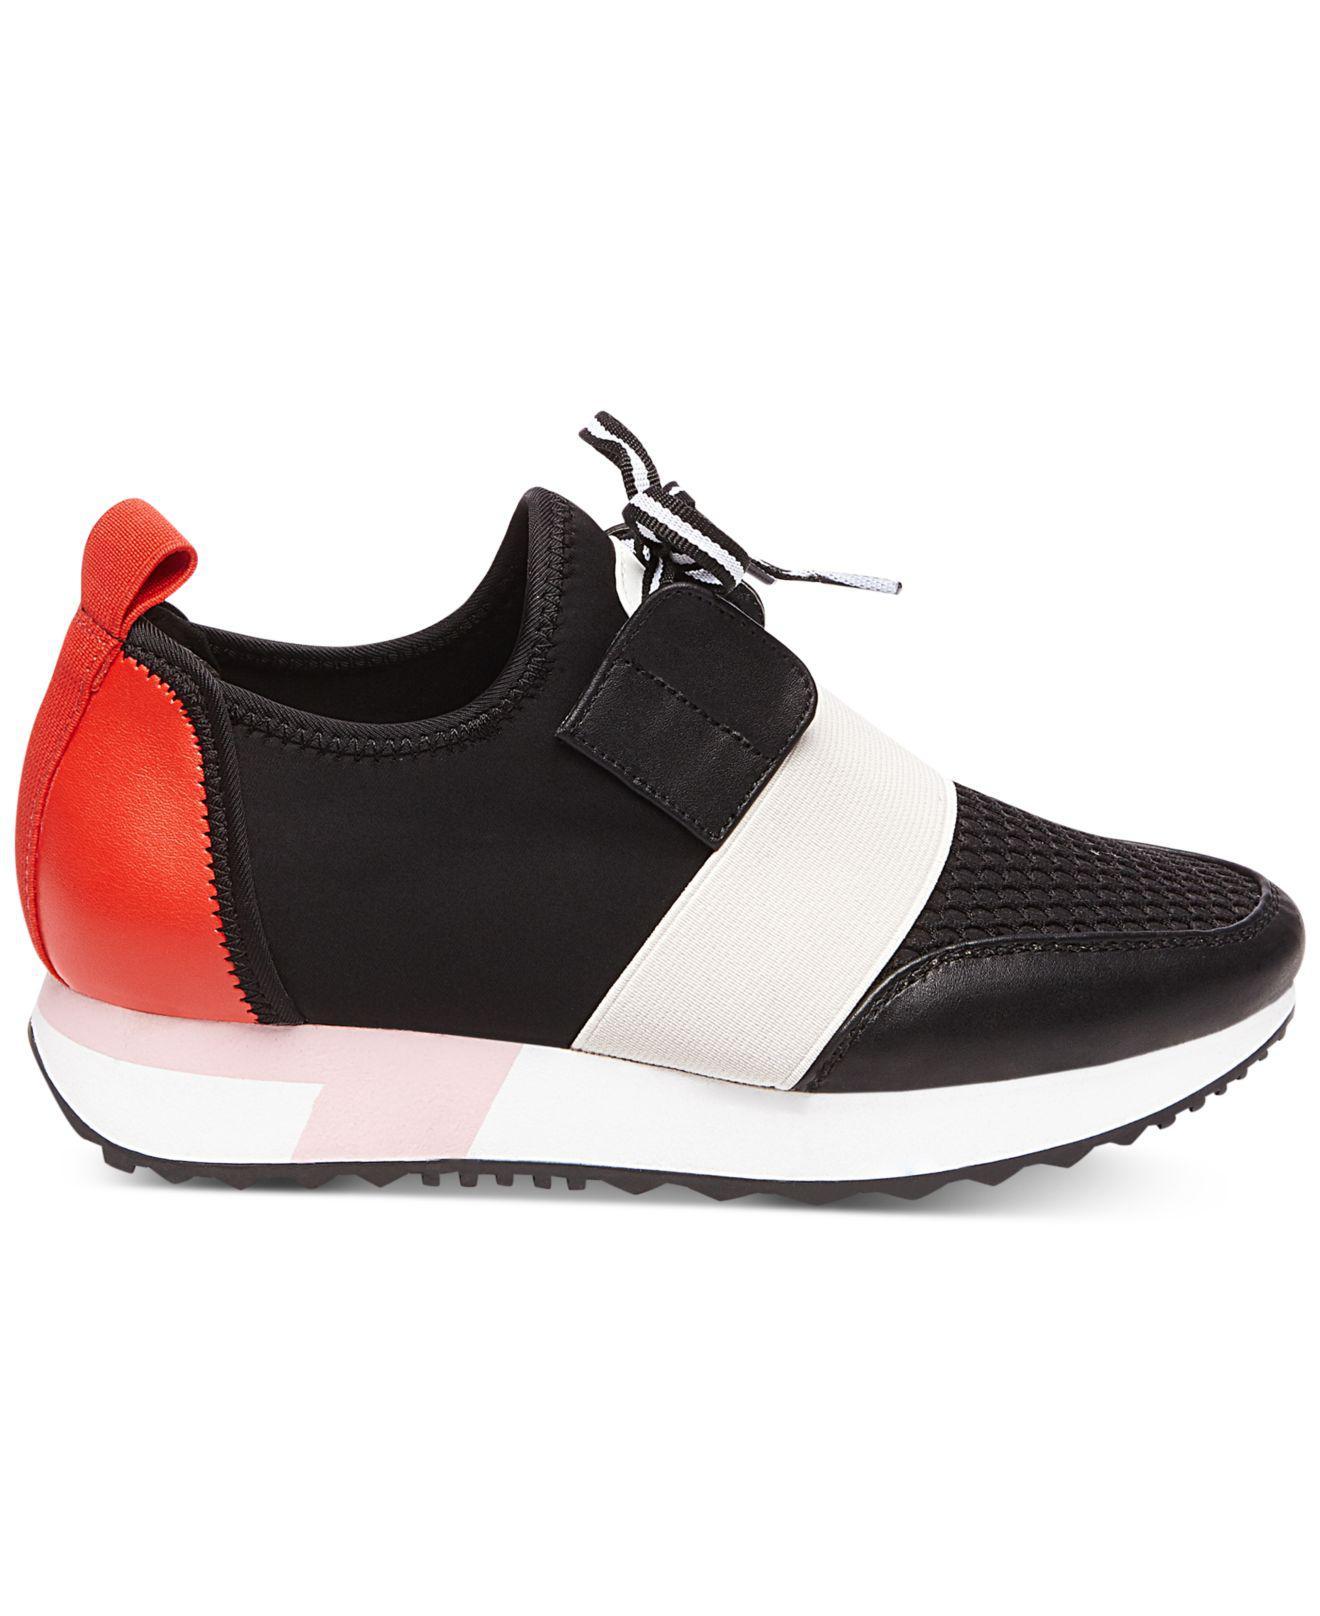 Steve Madden Antics Sneaker in Black